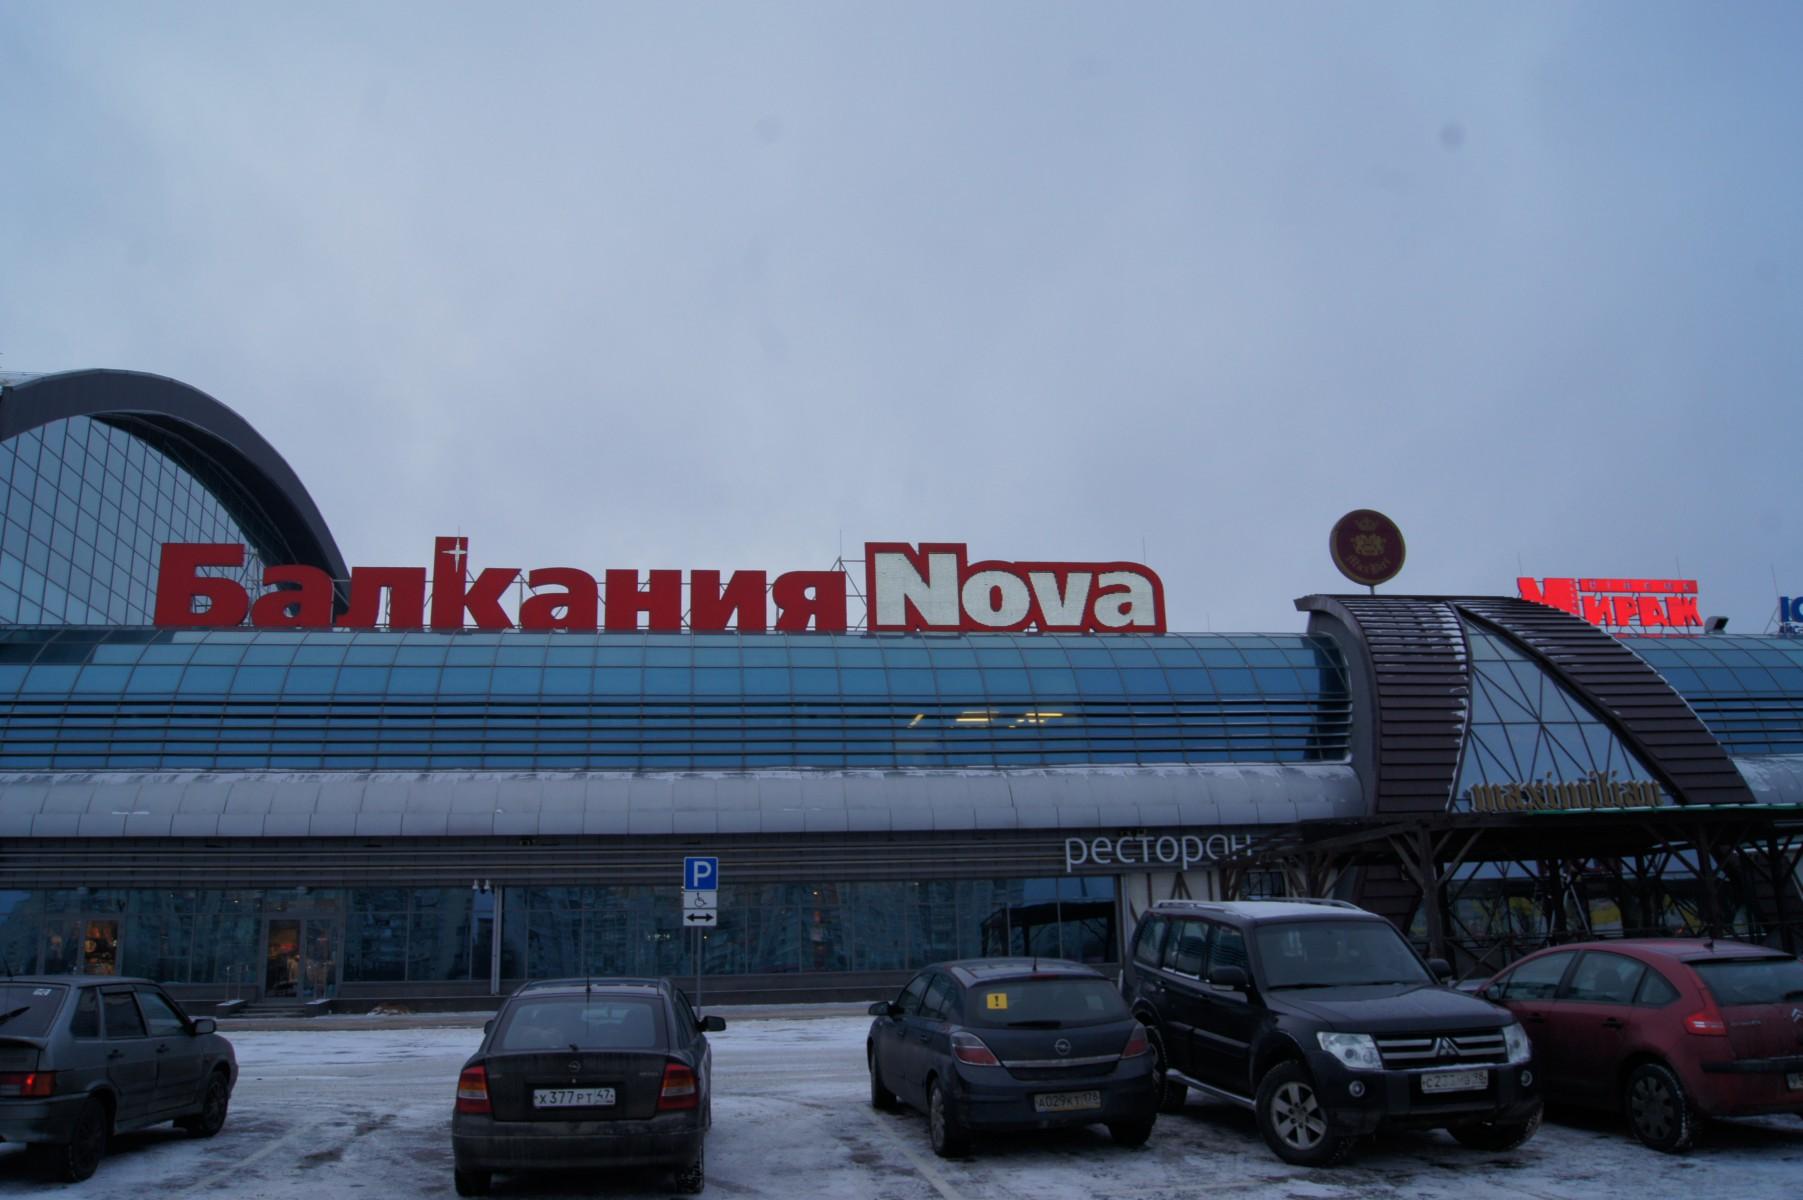 Адамант-строй, «Призма» в здании «Балкания NOVA», 1089